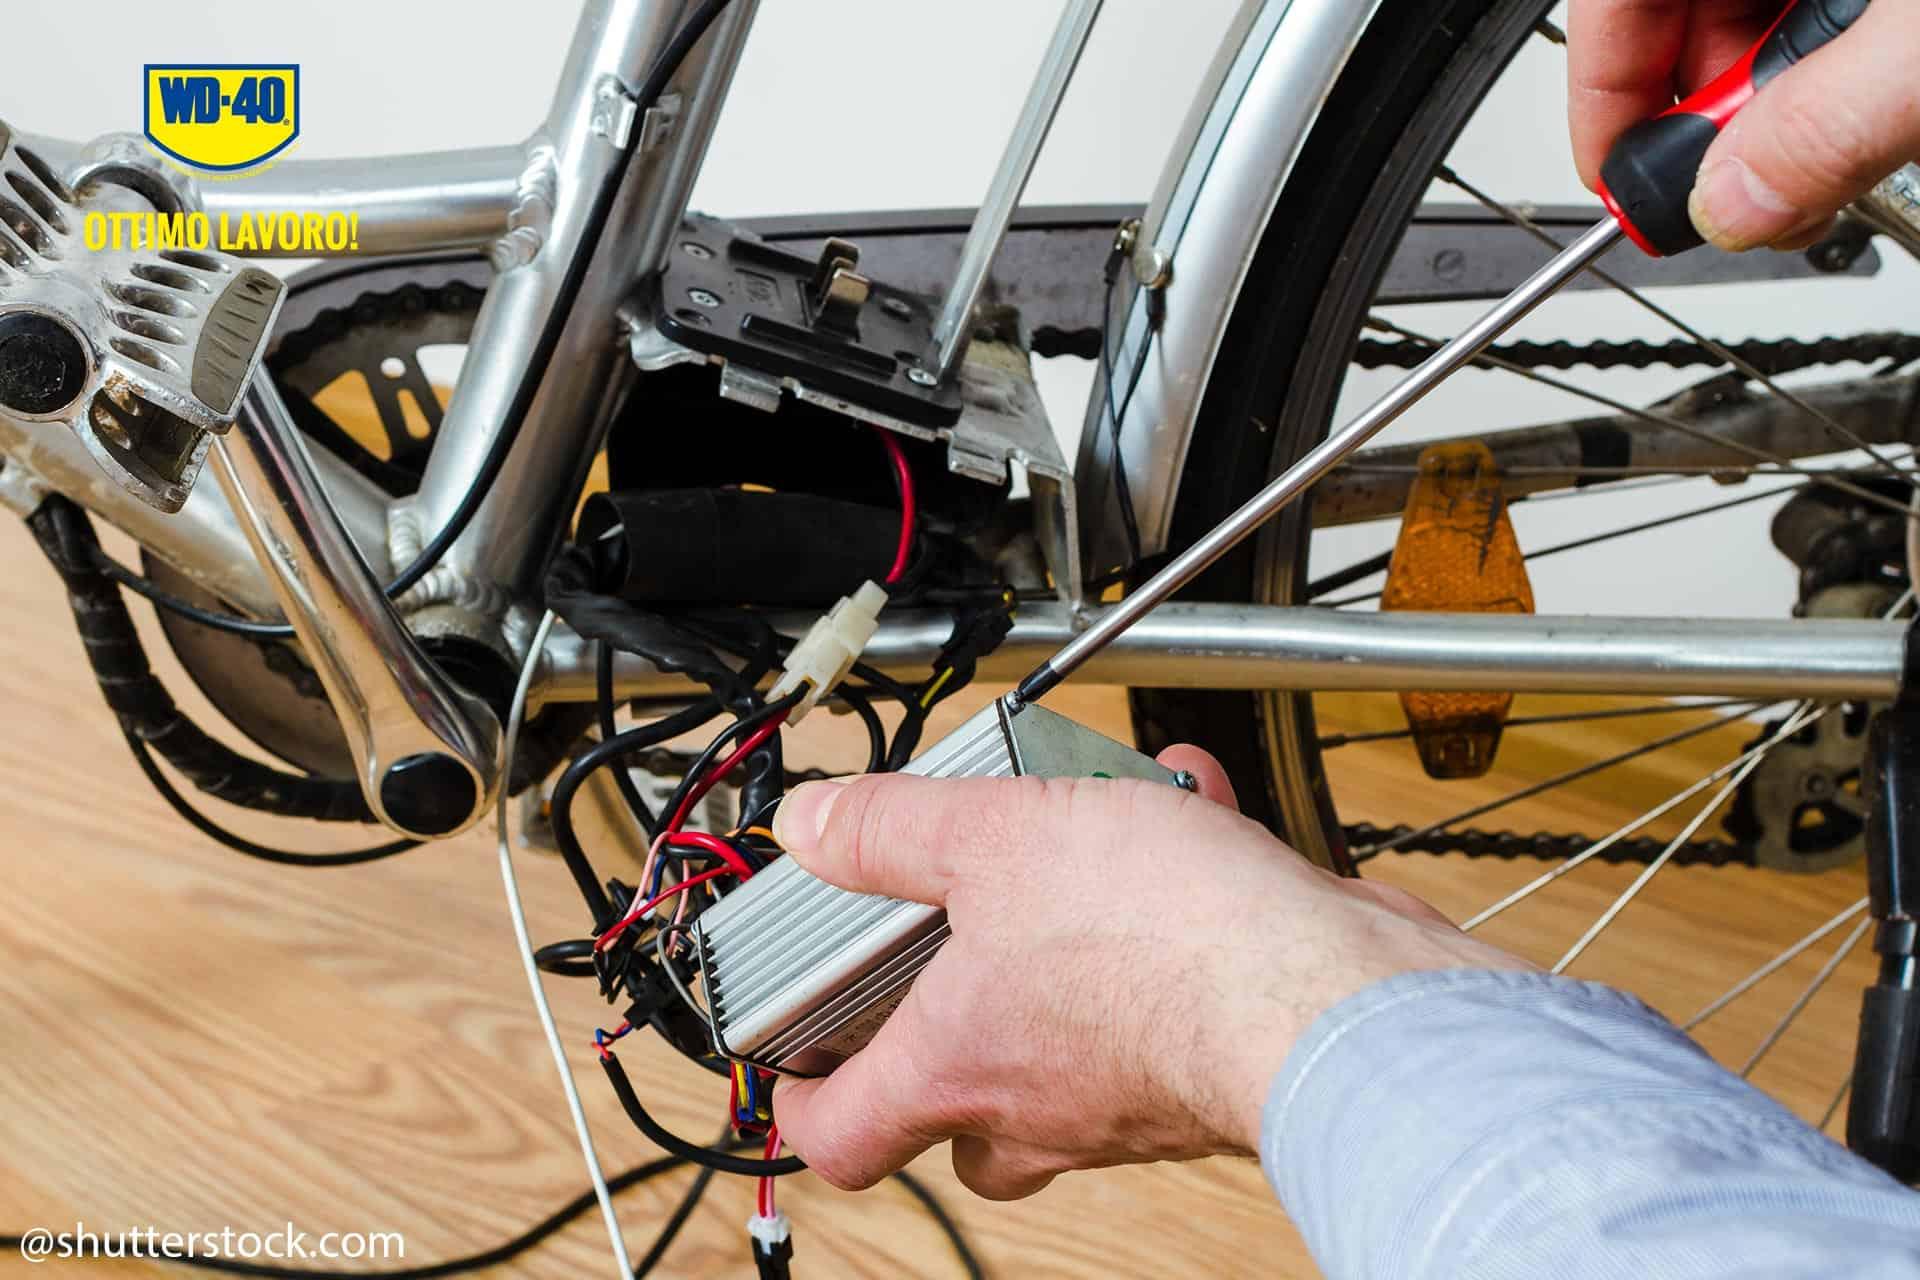 manutenzione batteria bici elettrica